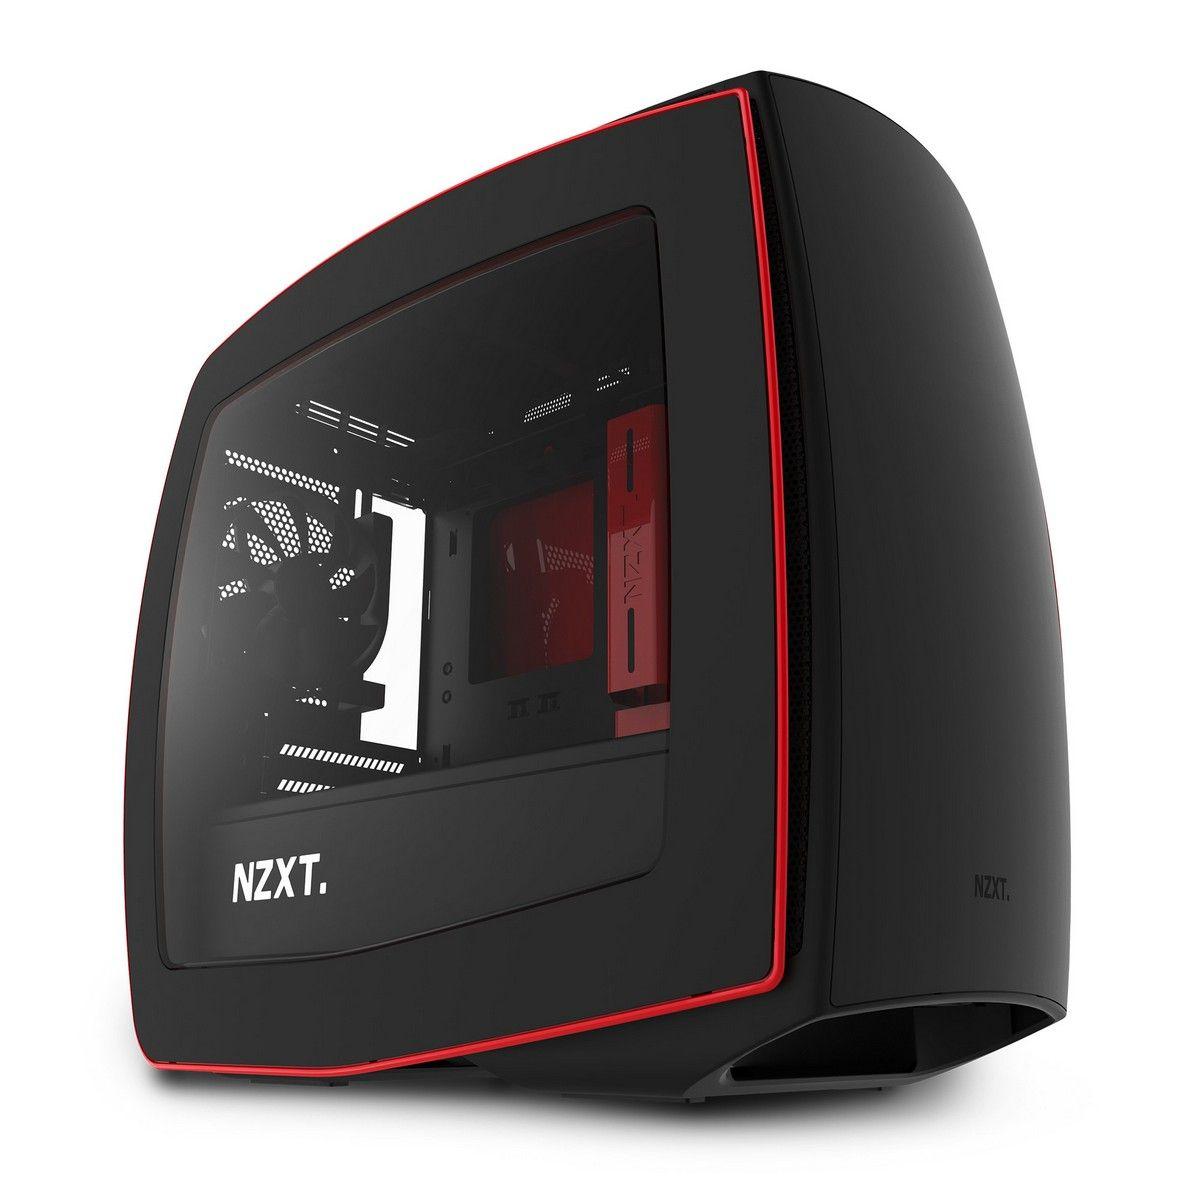 NZXT MANTA MINI-ITX CASE - BLACK/RED WINDOW